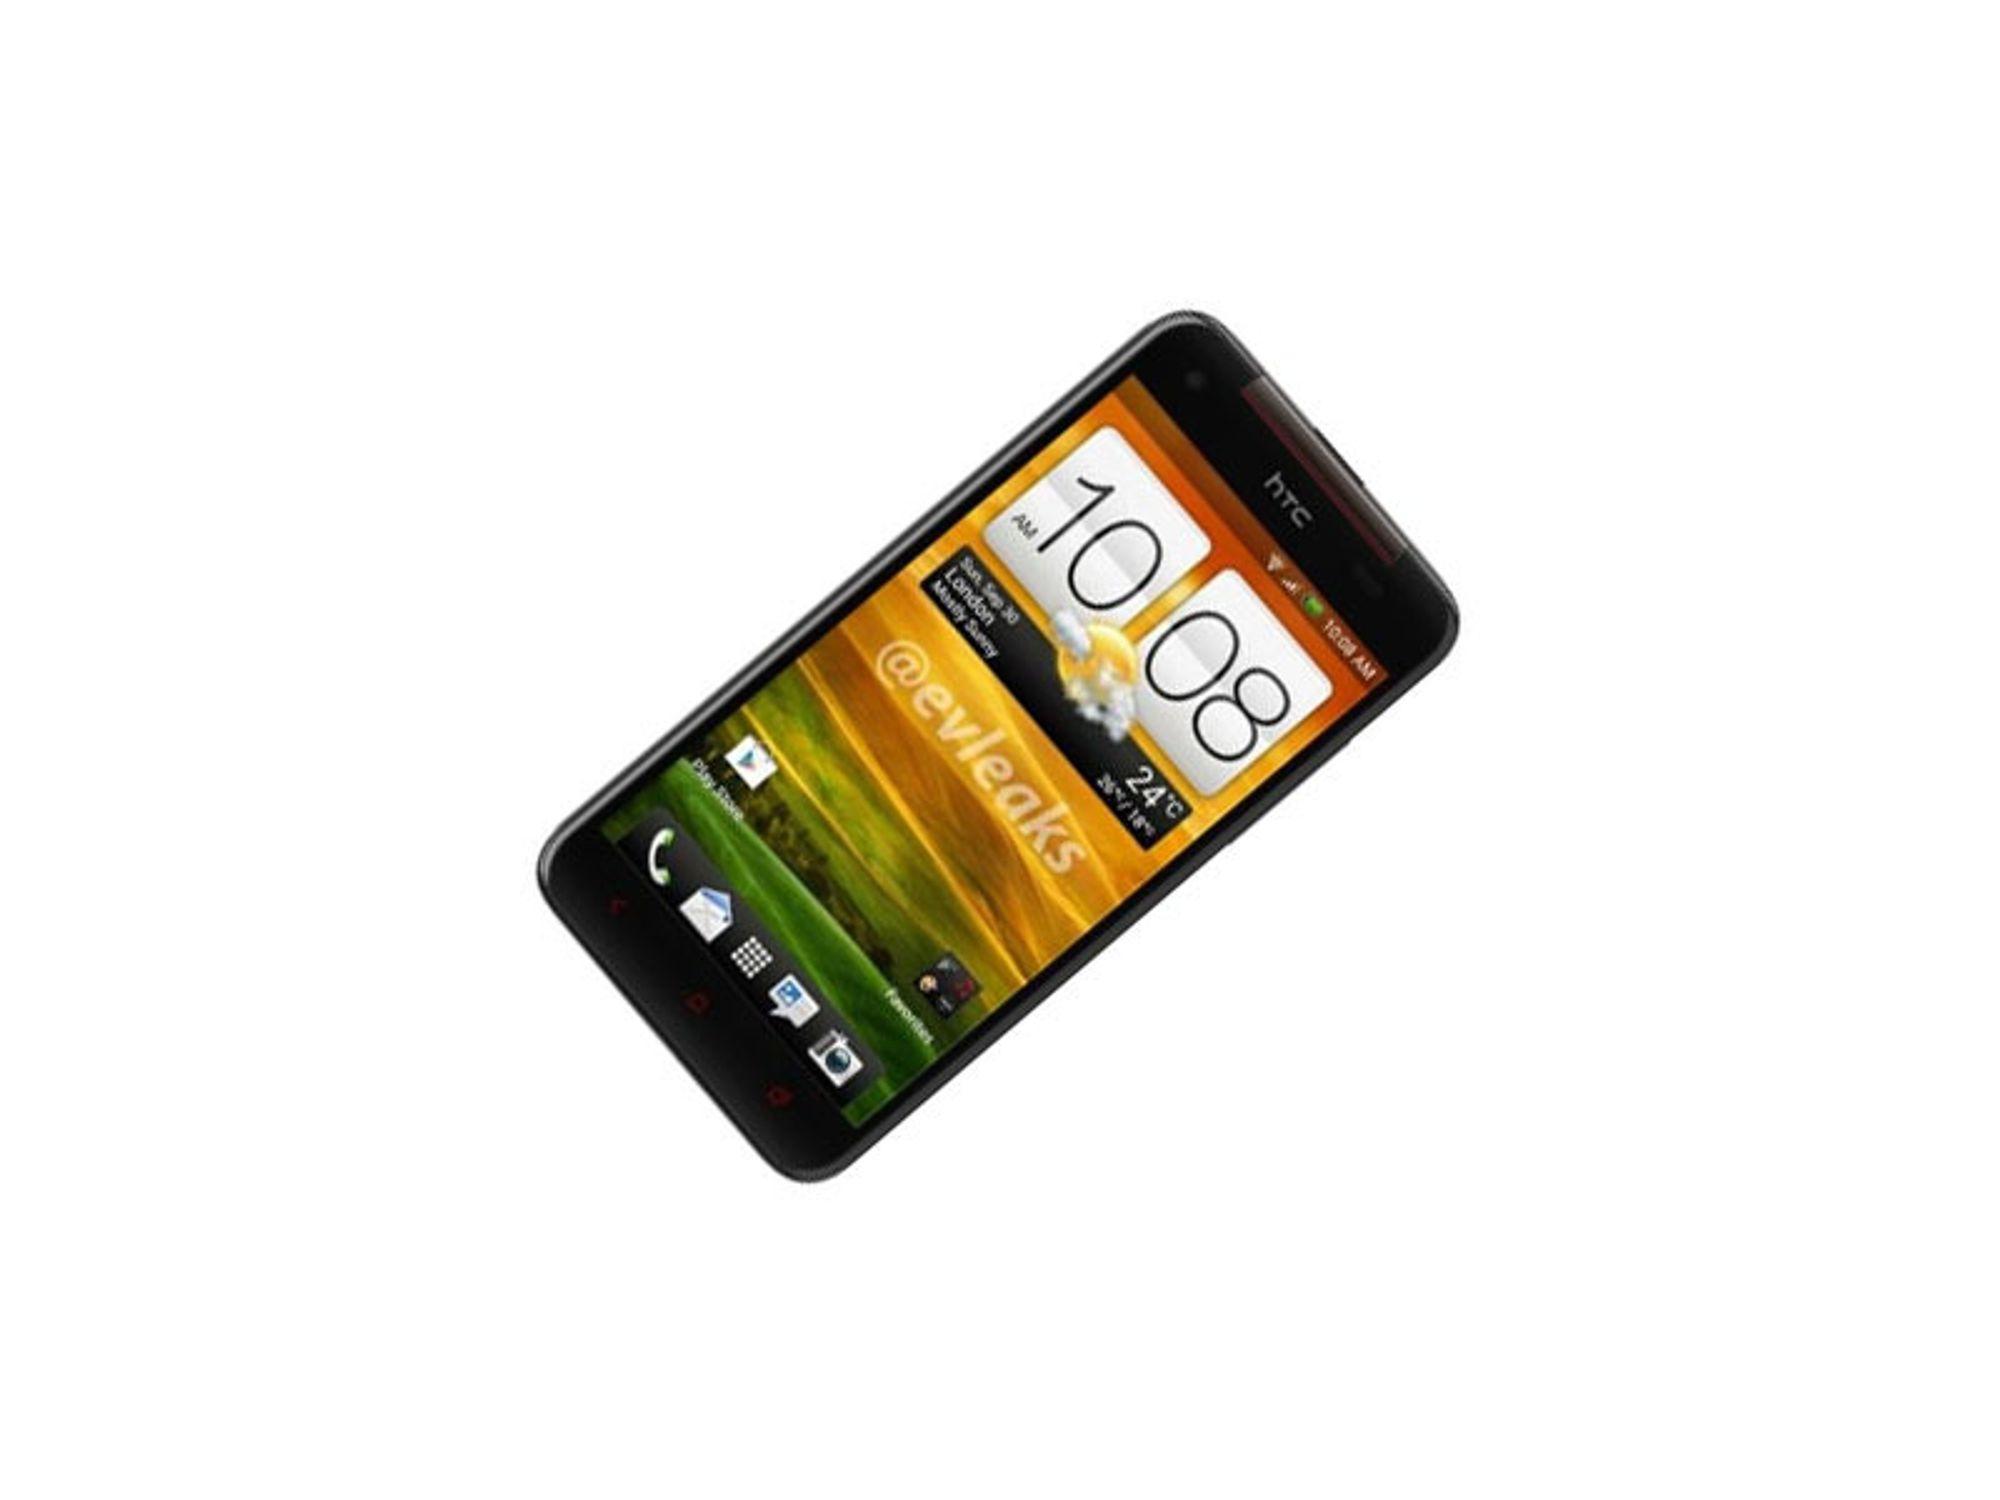 HTC-råtass på vei?